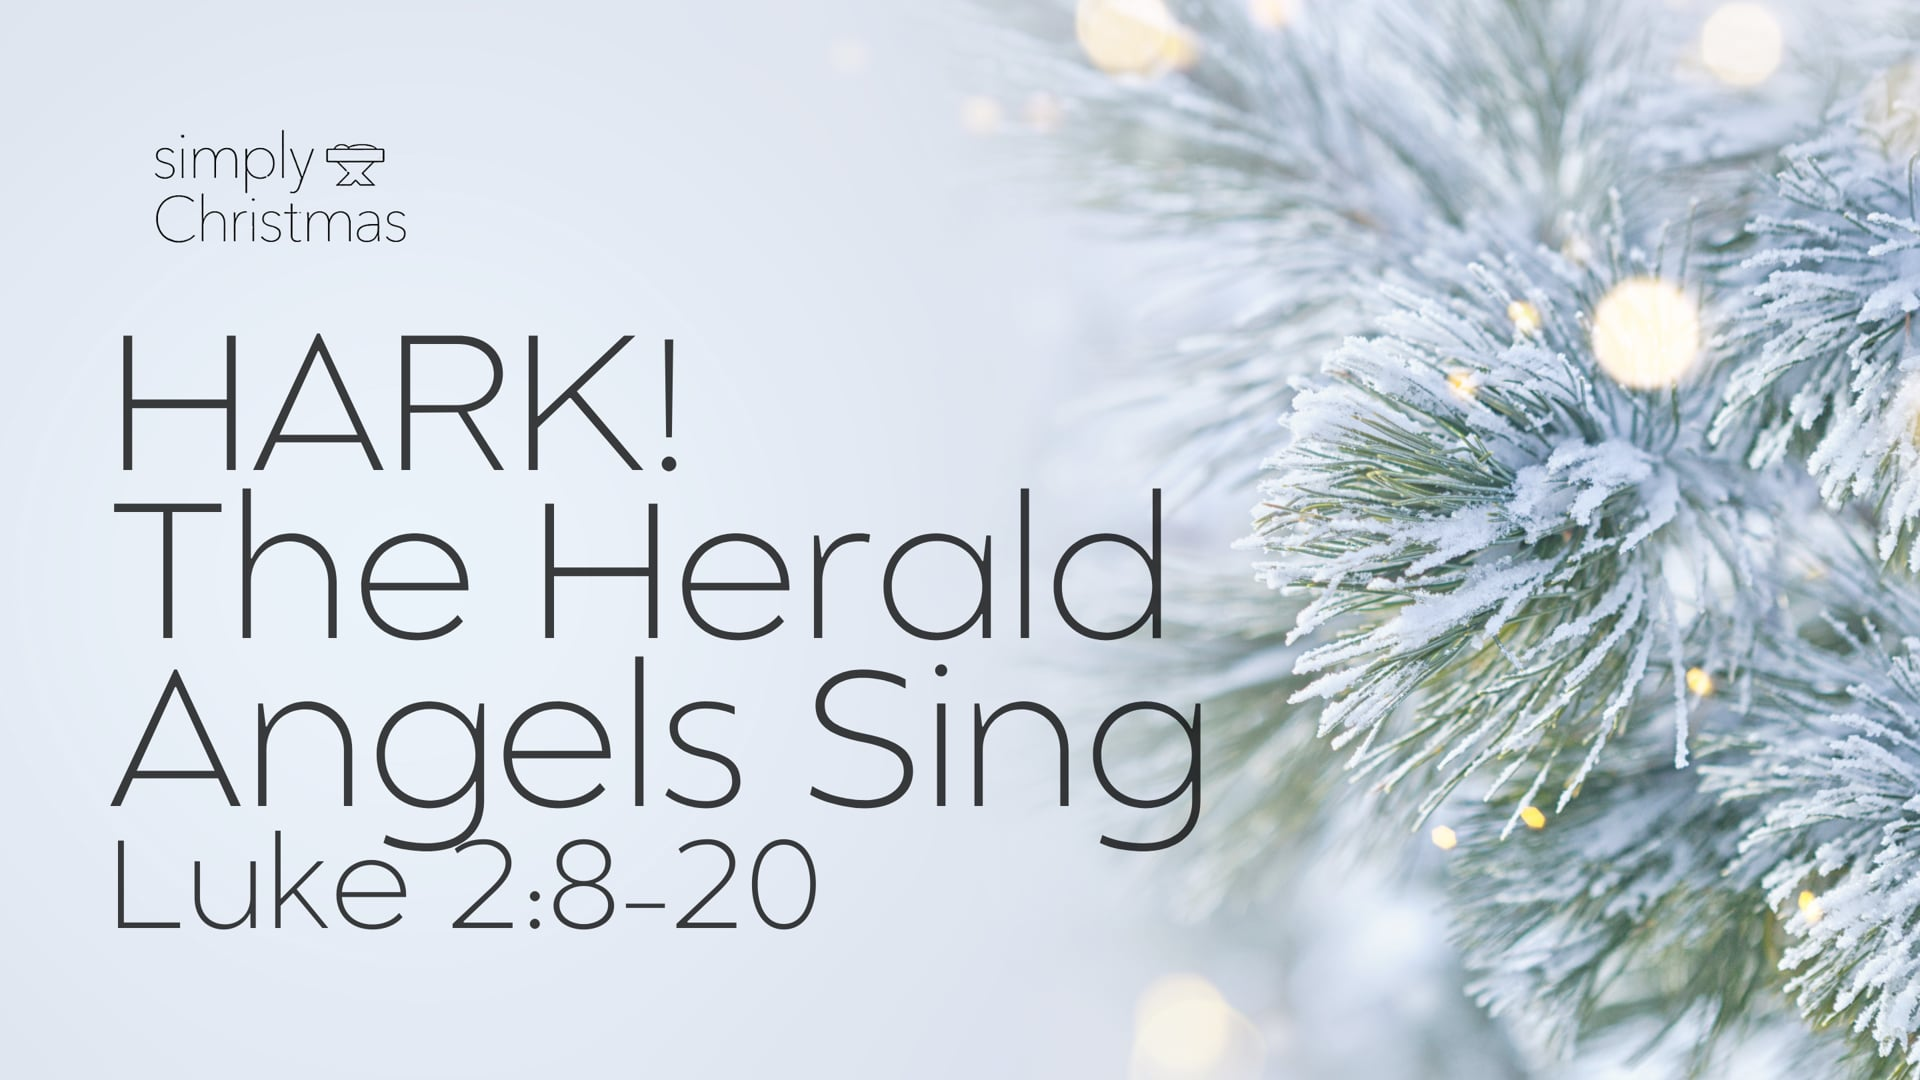 Hark! The Herald Angels Sing - December 27, 2020